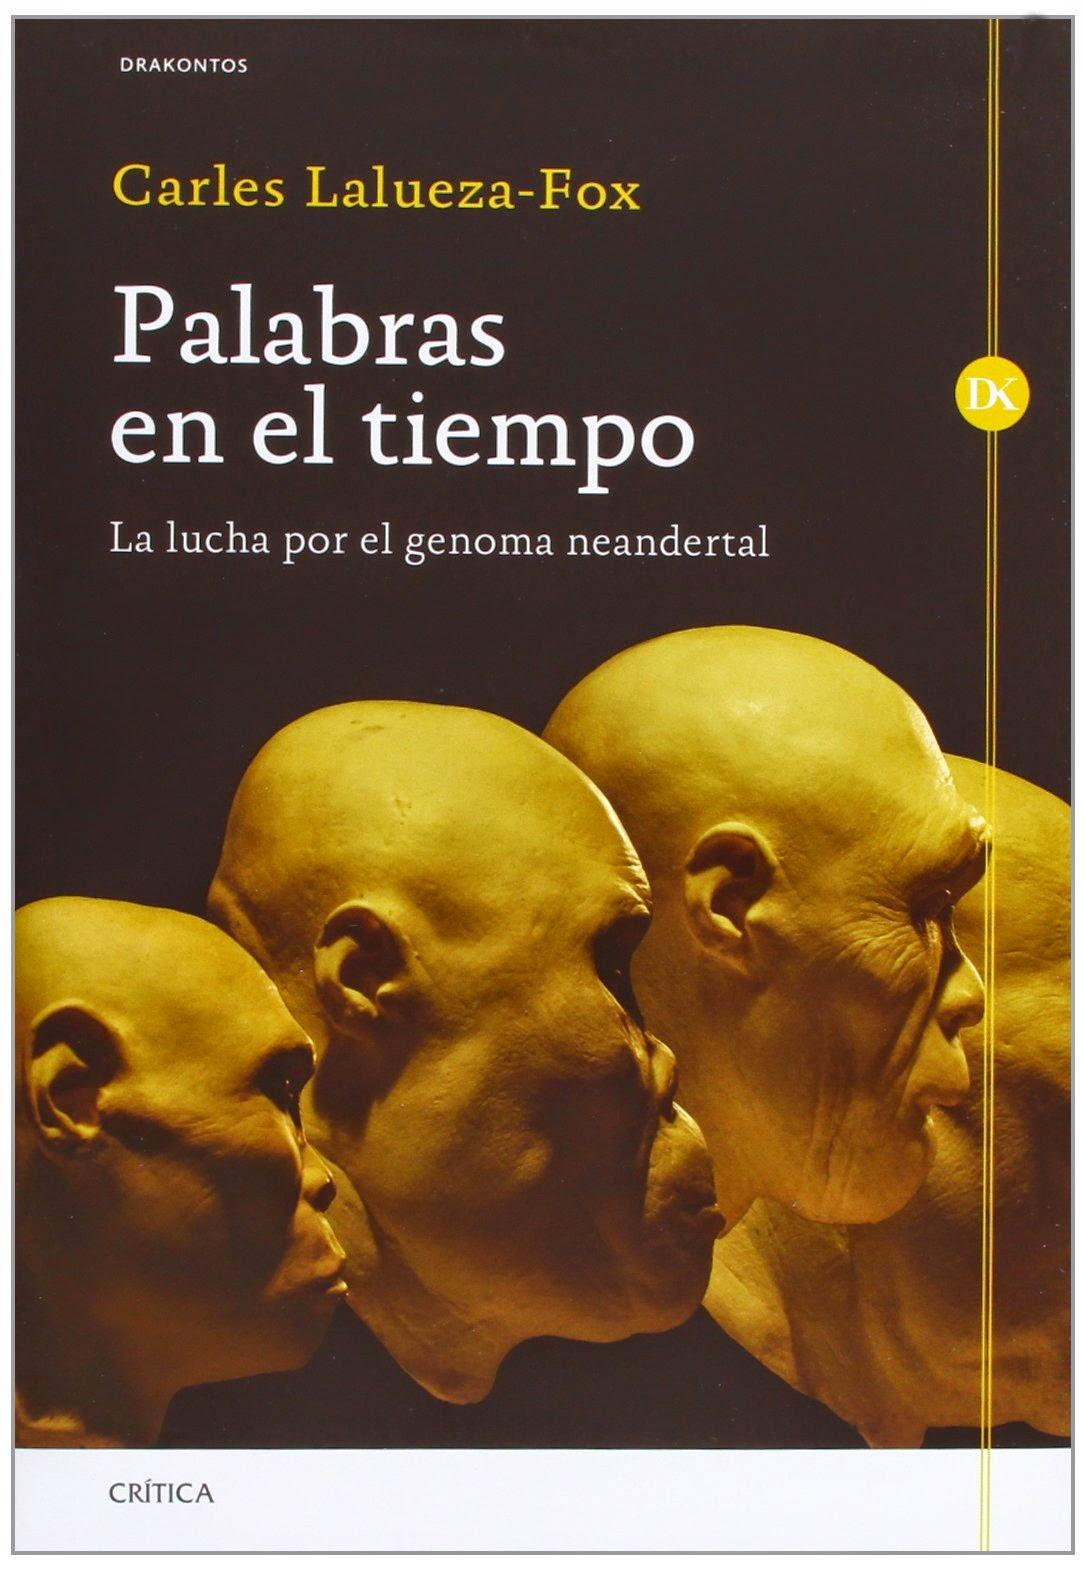 Palabras en el tiempo : la lucha por el genoma neandertal / Carles Lalueza-Fox